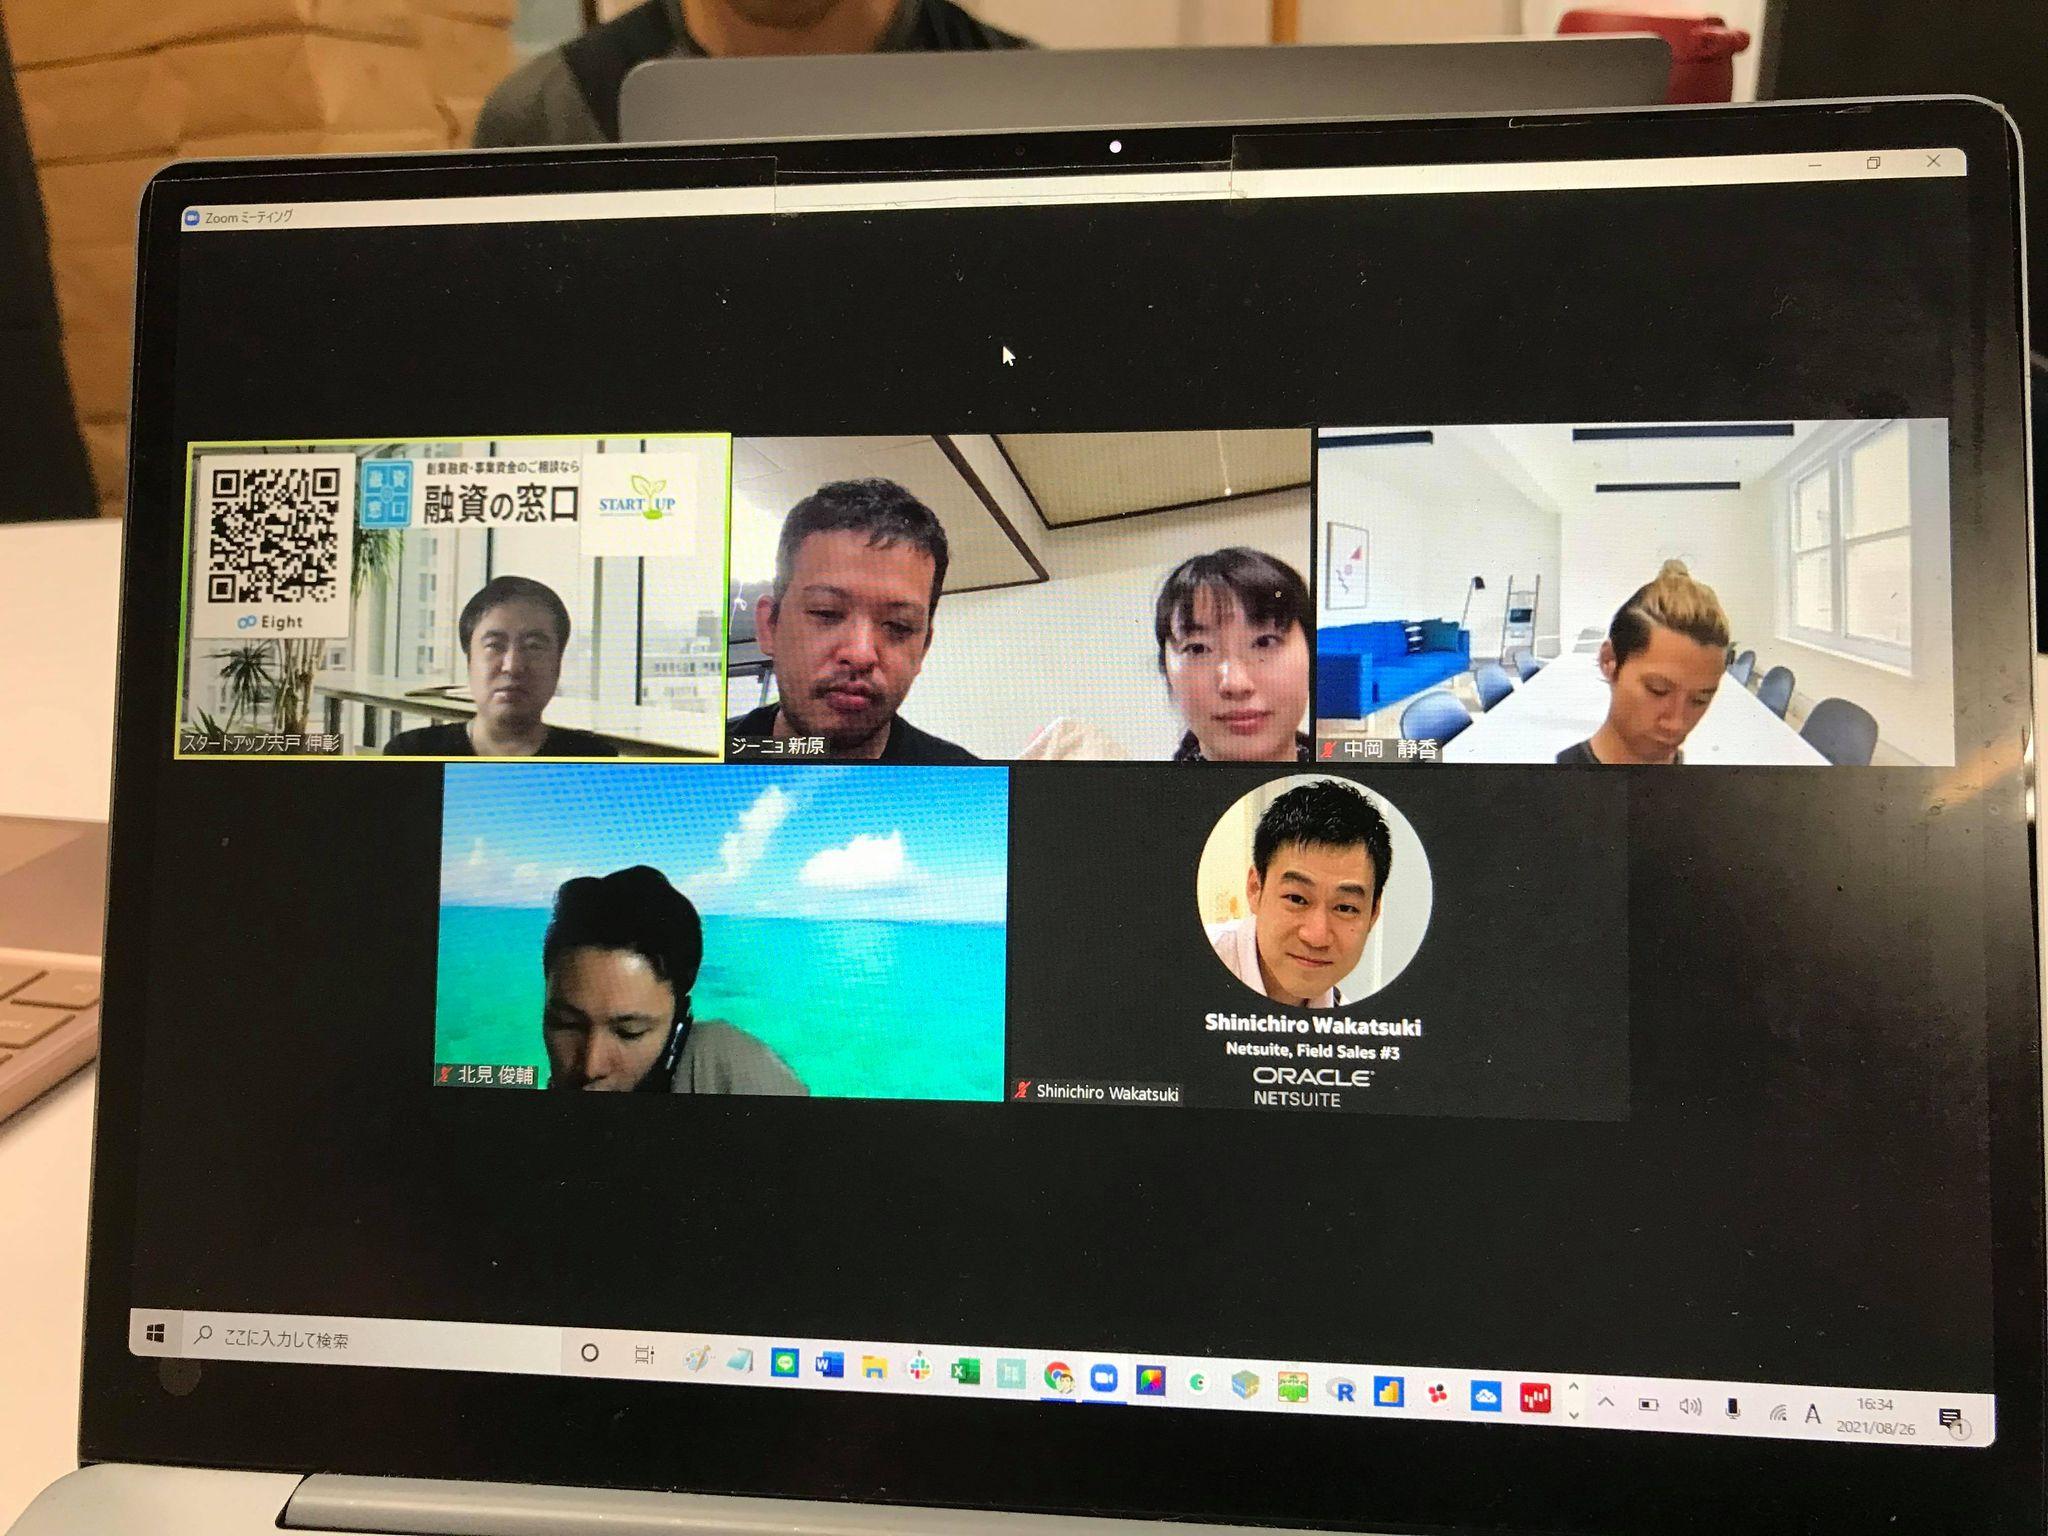 8月26日木曜日 16:00~ 【NKCS士業向け】営業・チーム構築勉強会 Vol.7を開催しました